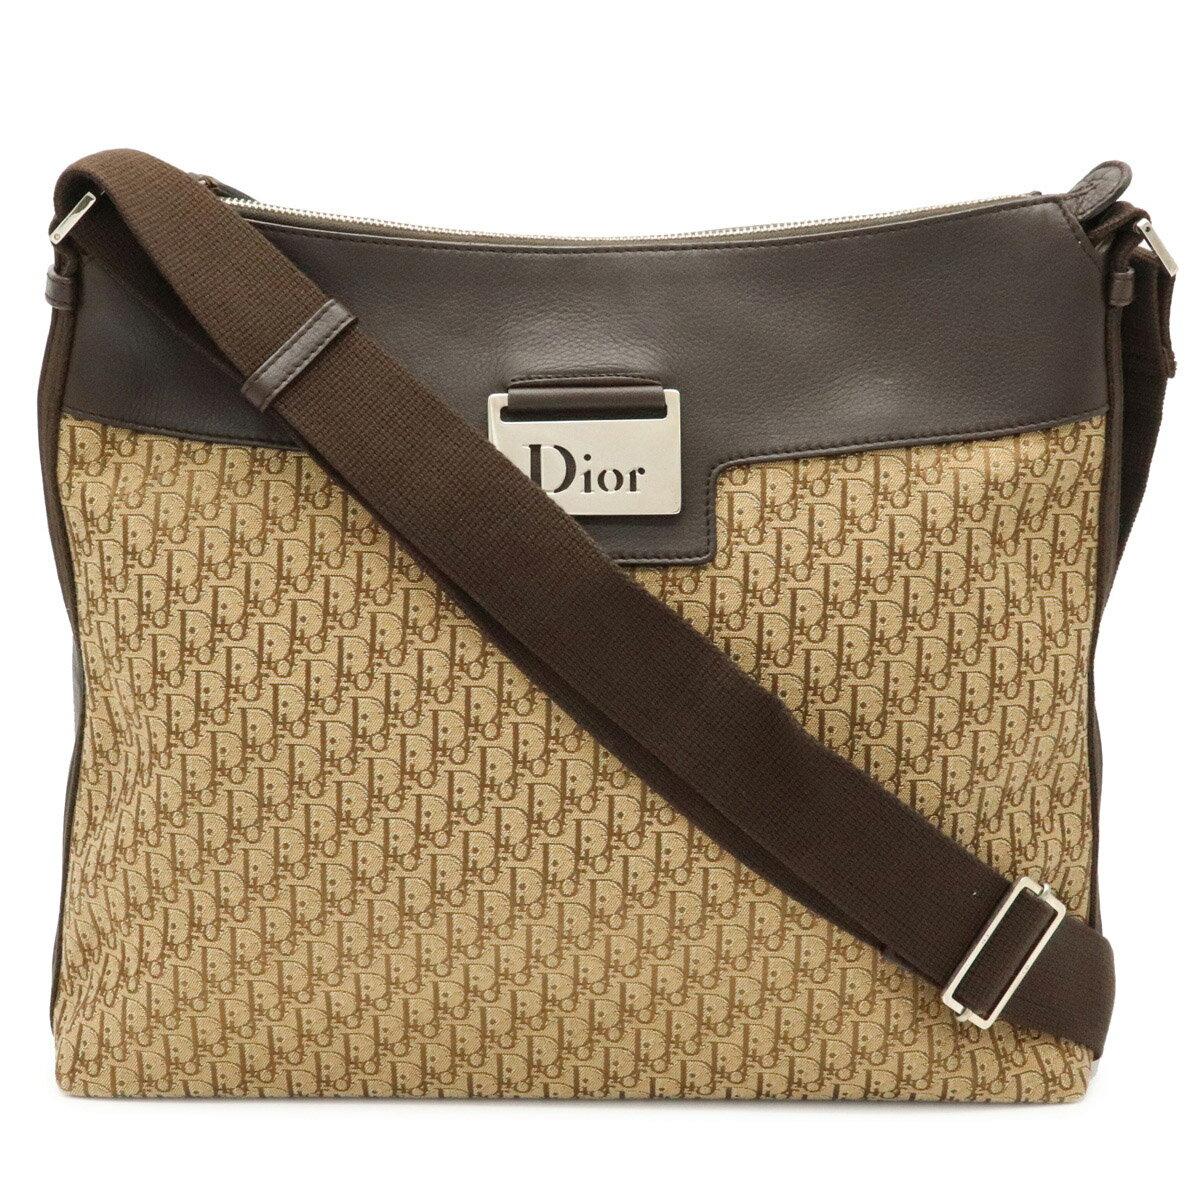 レディースバッグ, ショルダーバッグ・メッセンジャーバッグ Christian Dior